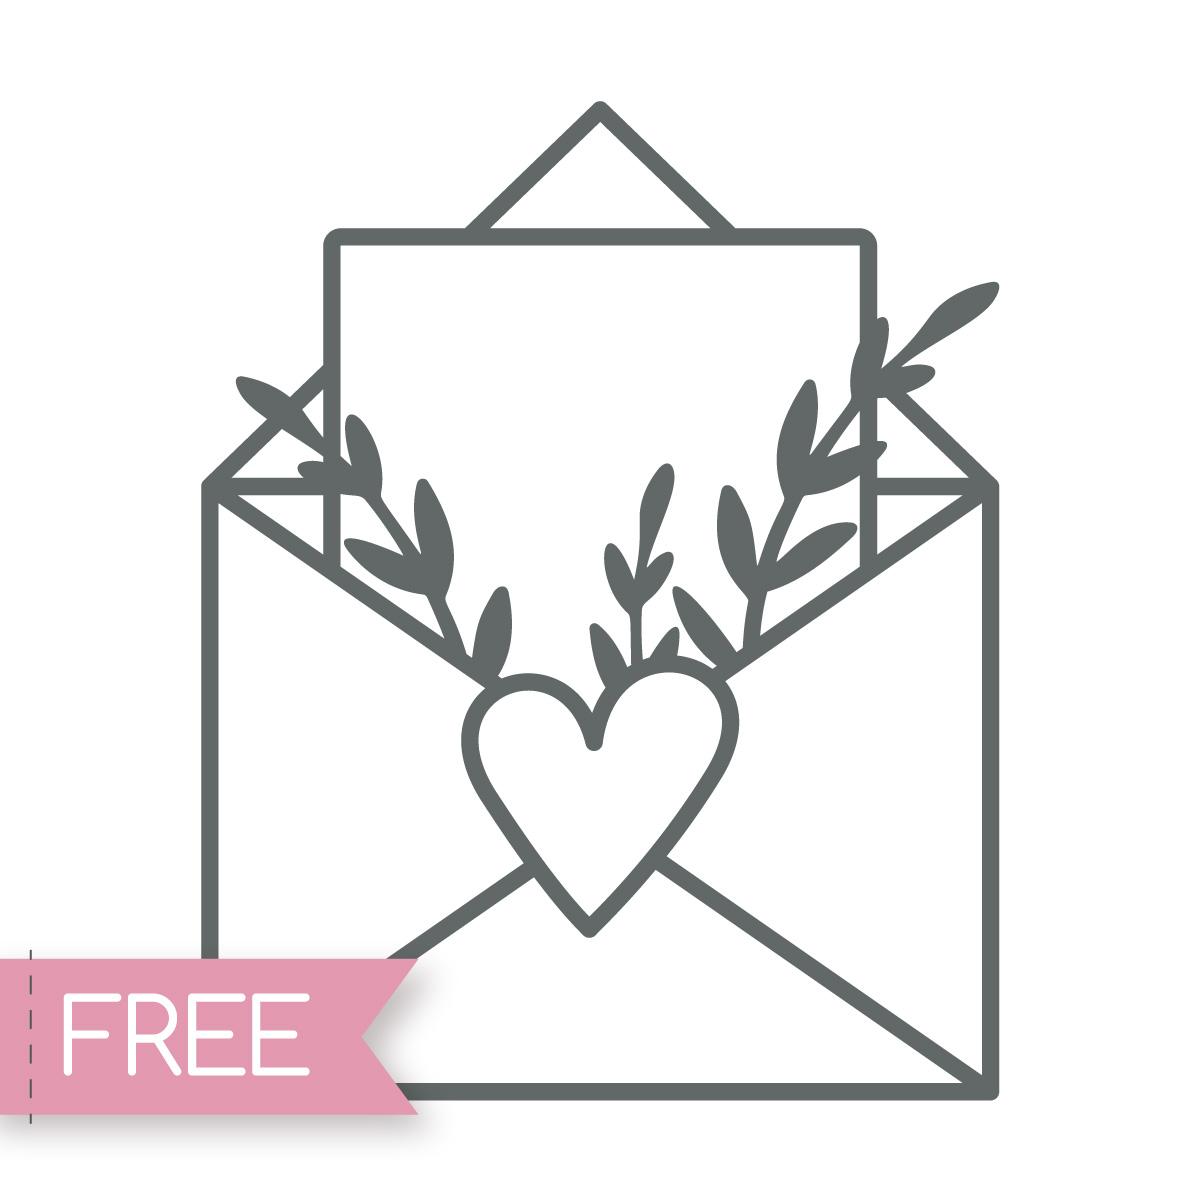 Free cut fule Cricut